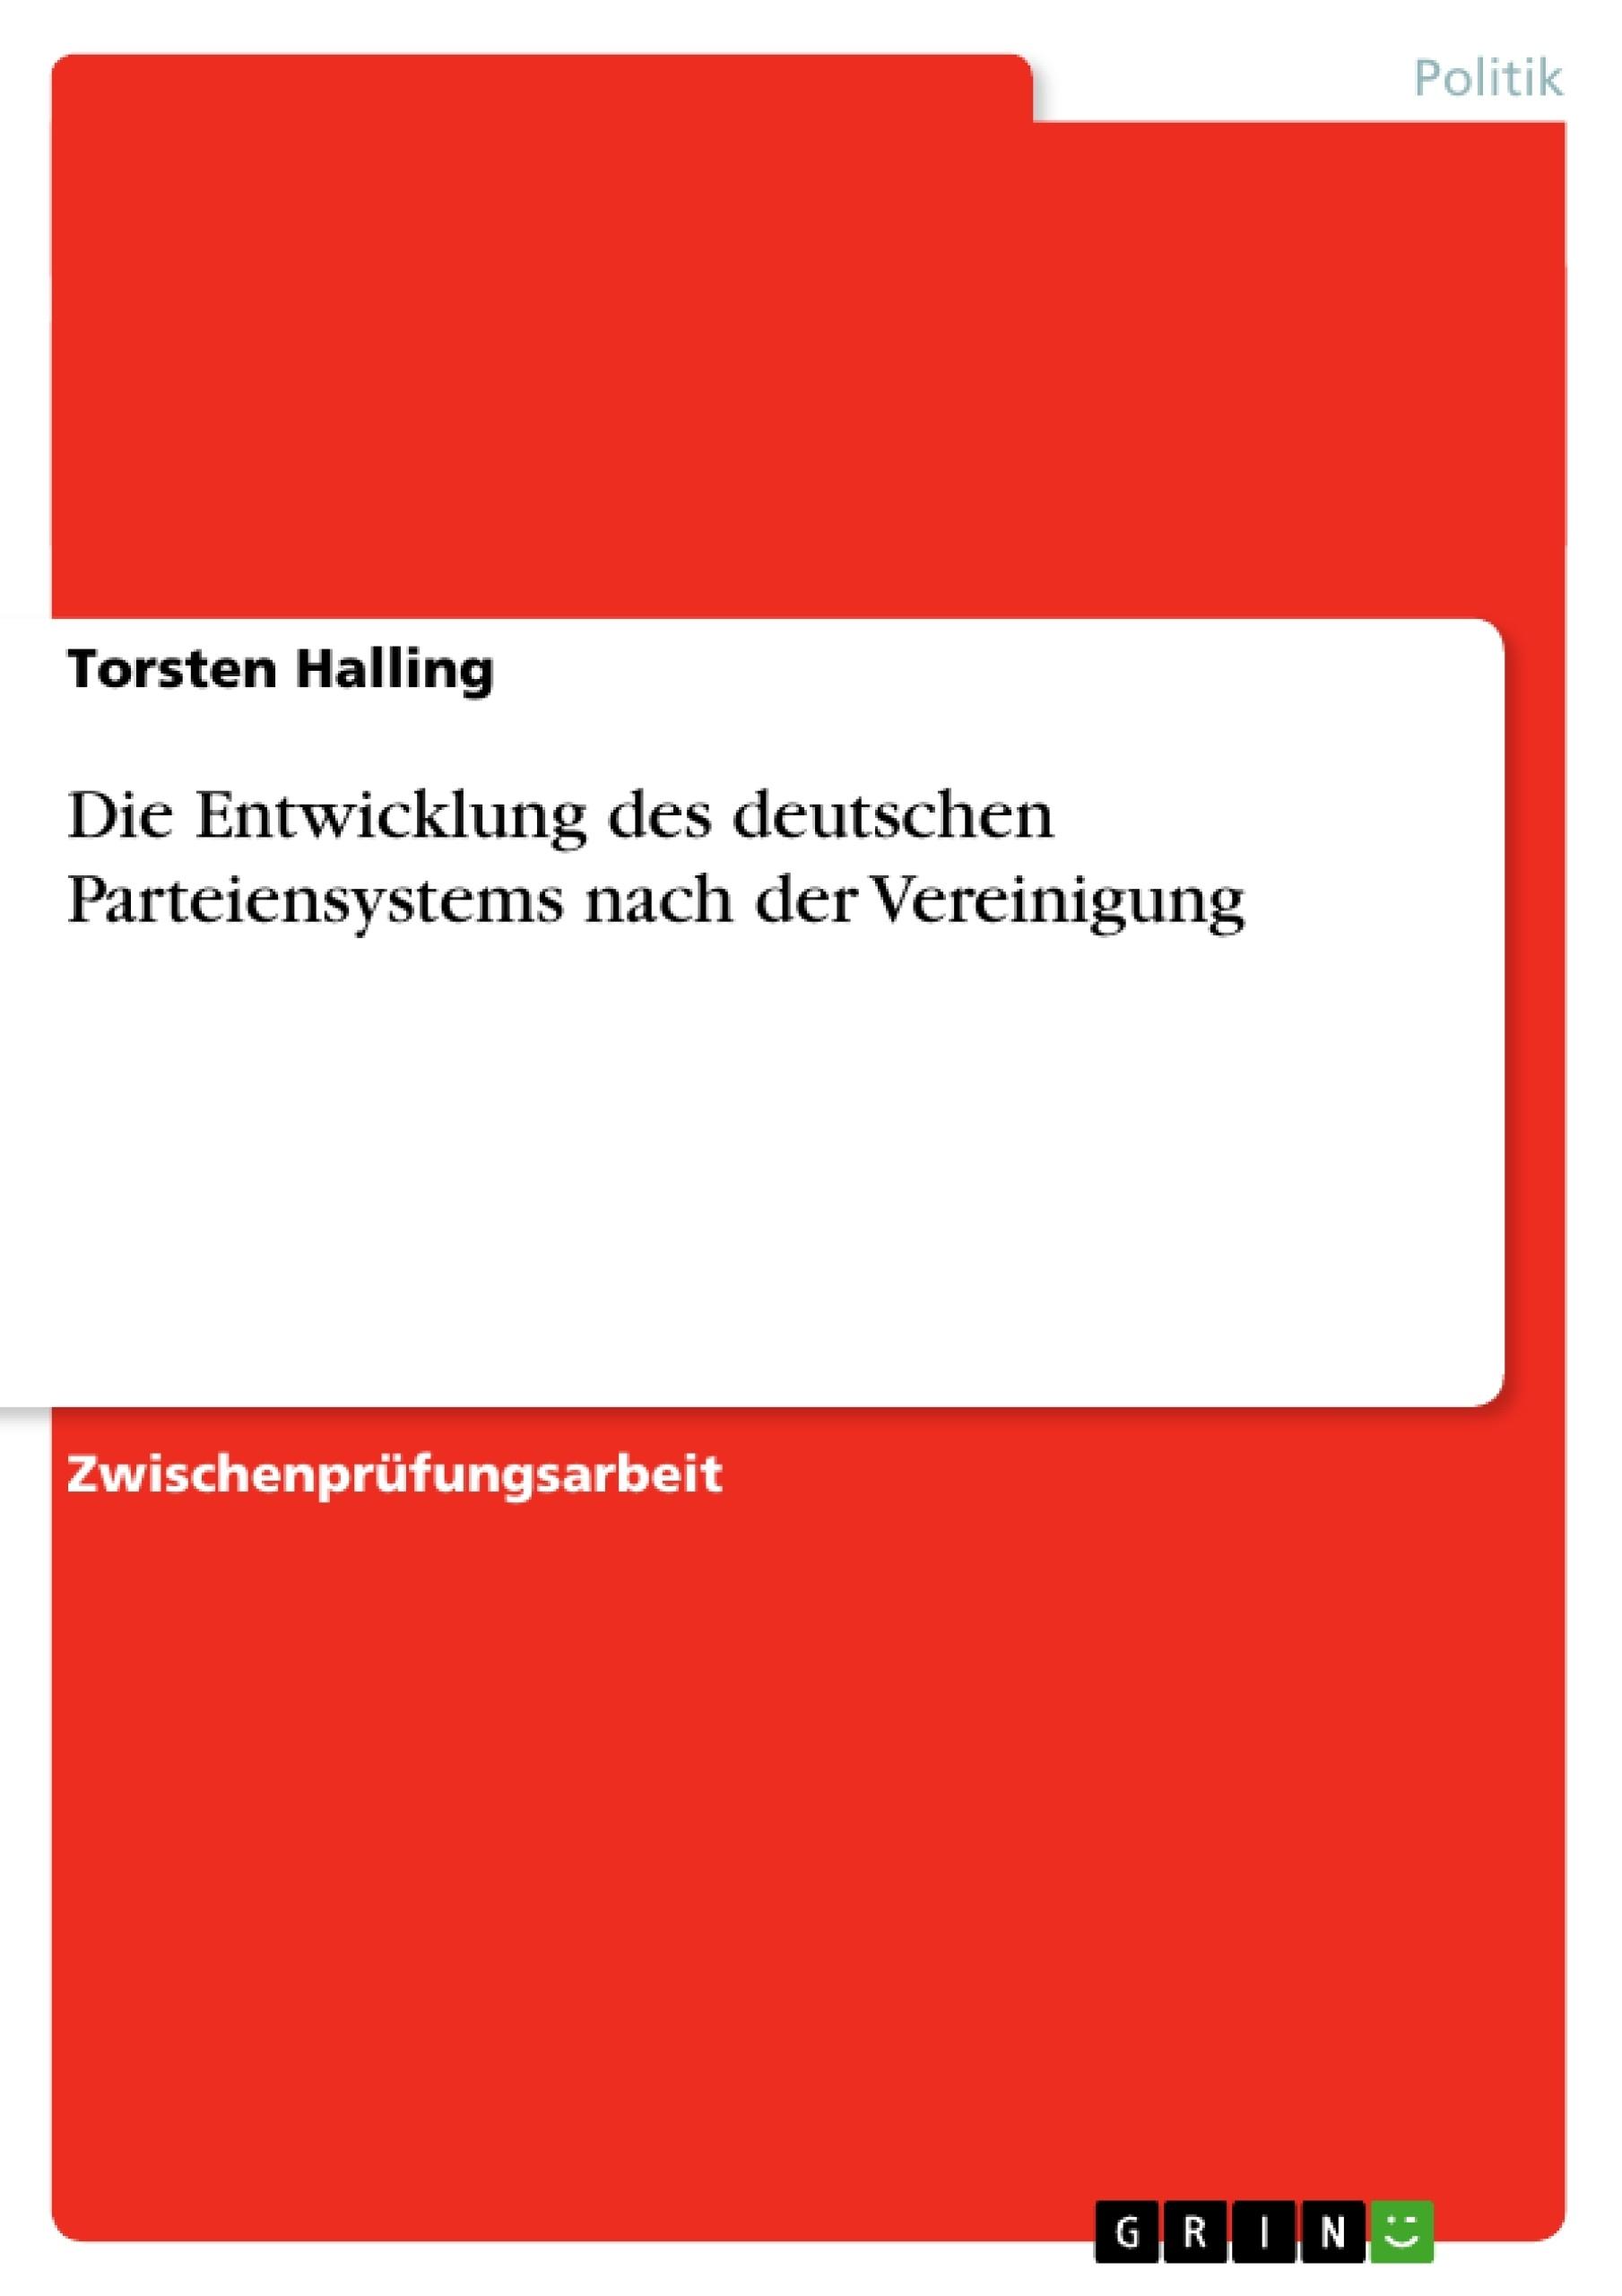 Titel: Die Entwicklung des deutschen Parteiensystems nach der Vereinigung